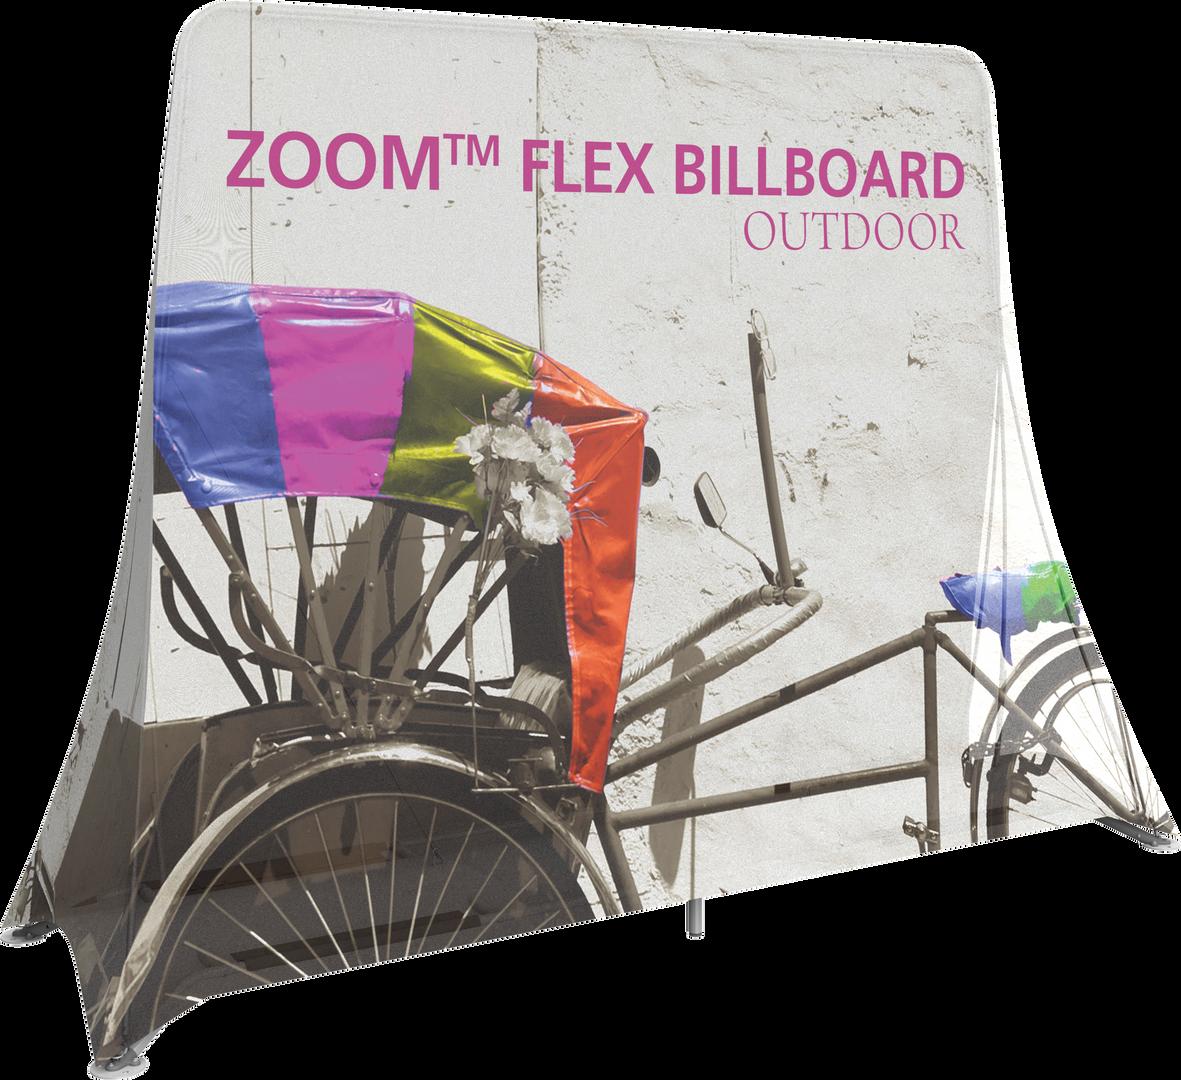 Zoom-flex-outdoor-billboard_left-1 copy.